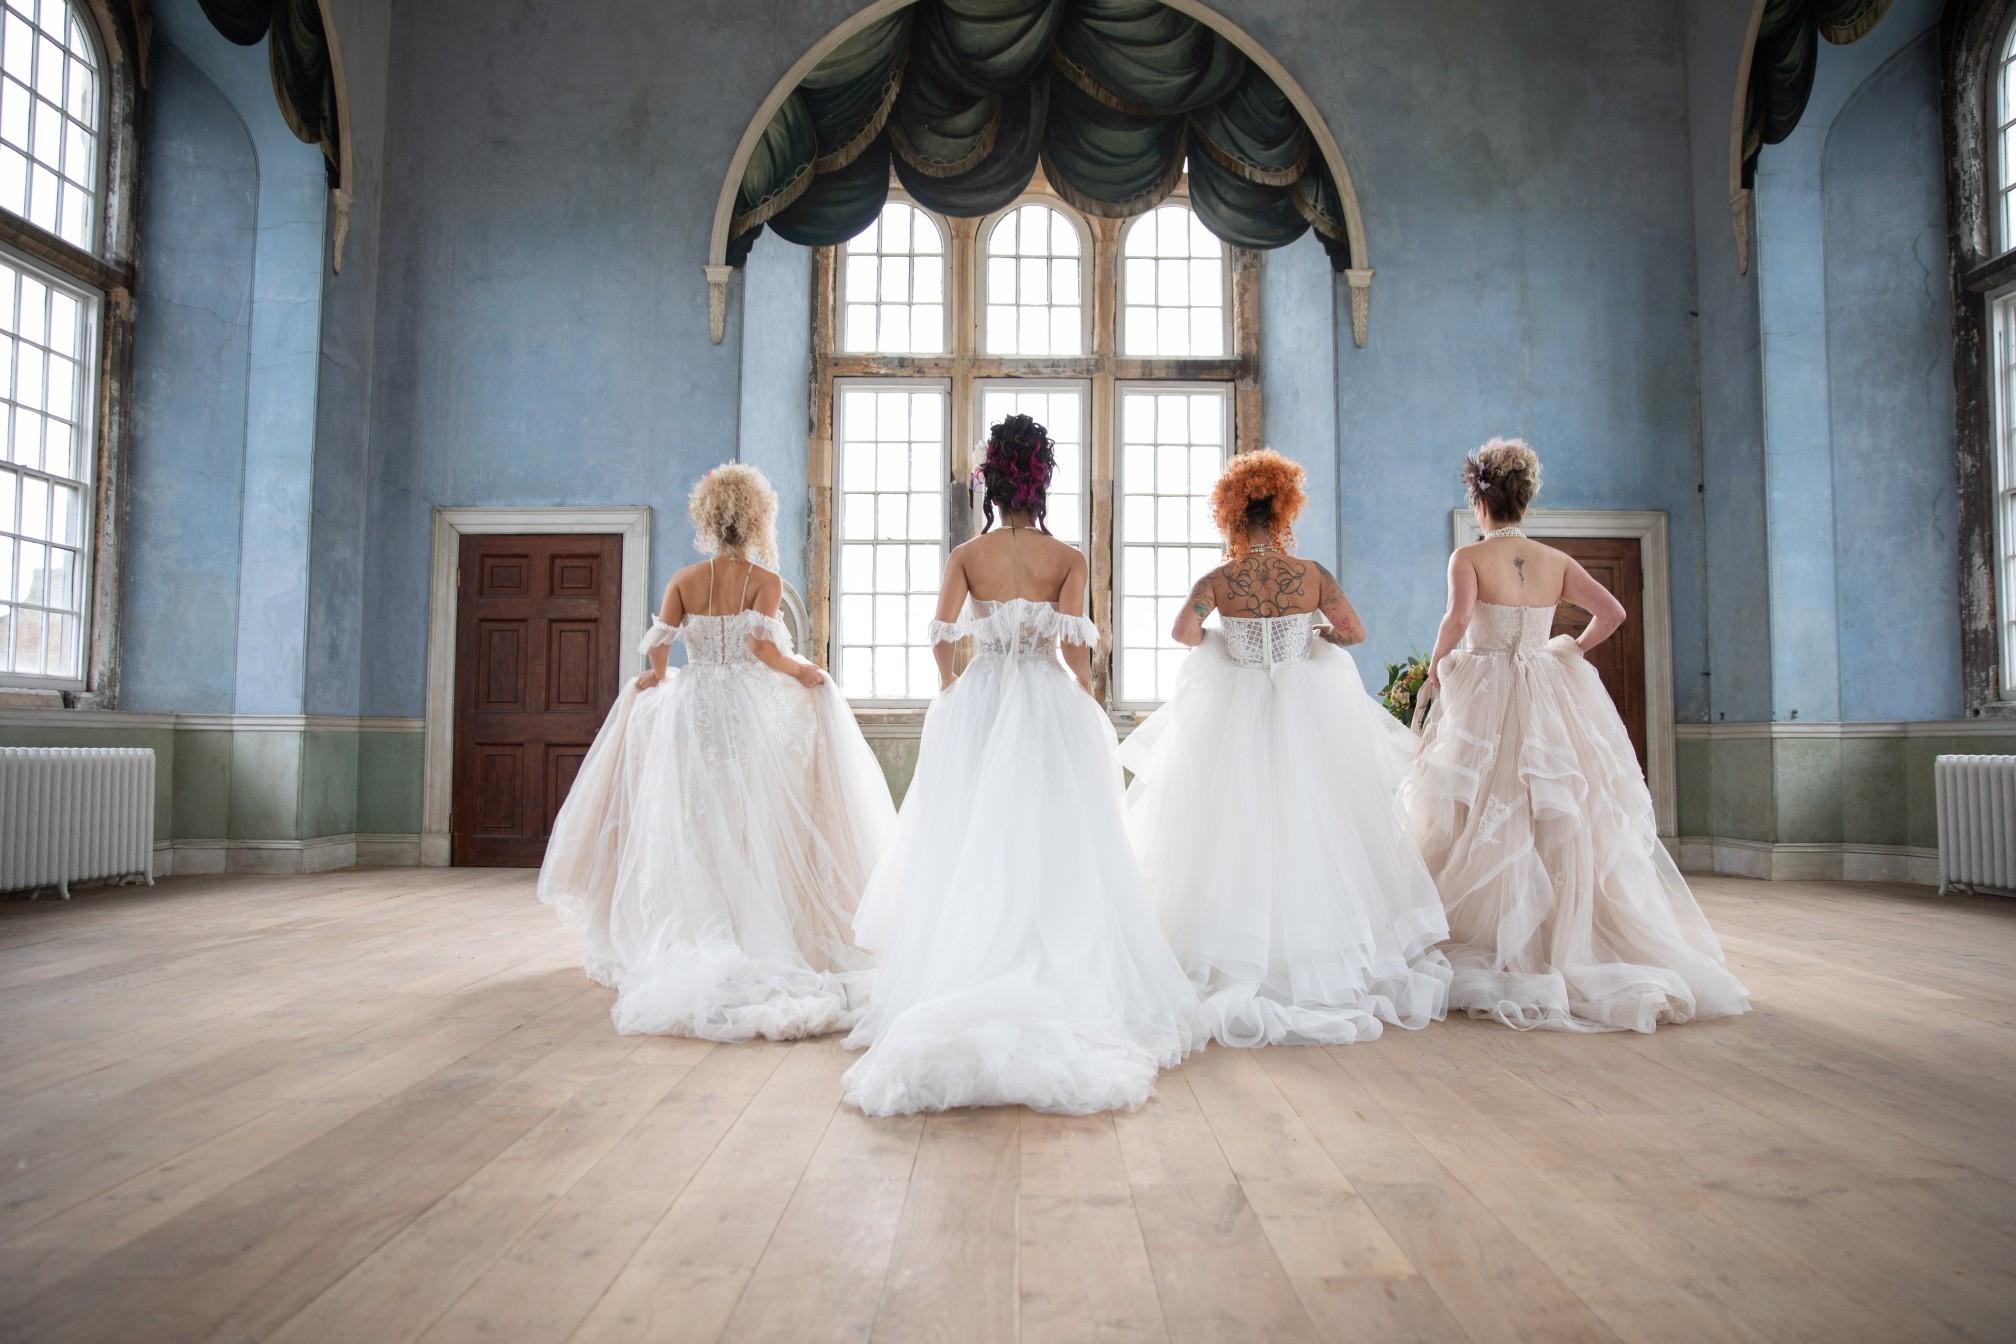 unique pastel wedding - marie antionette wedding - unique bridal look - unique bridal style - themed wedding - historic wedding venue - unique bridal wear